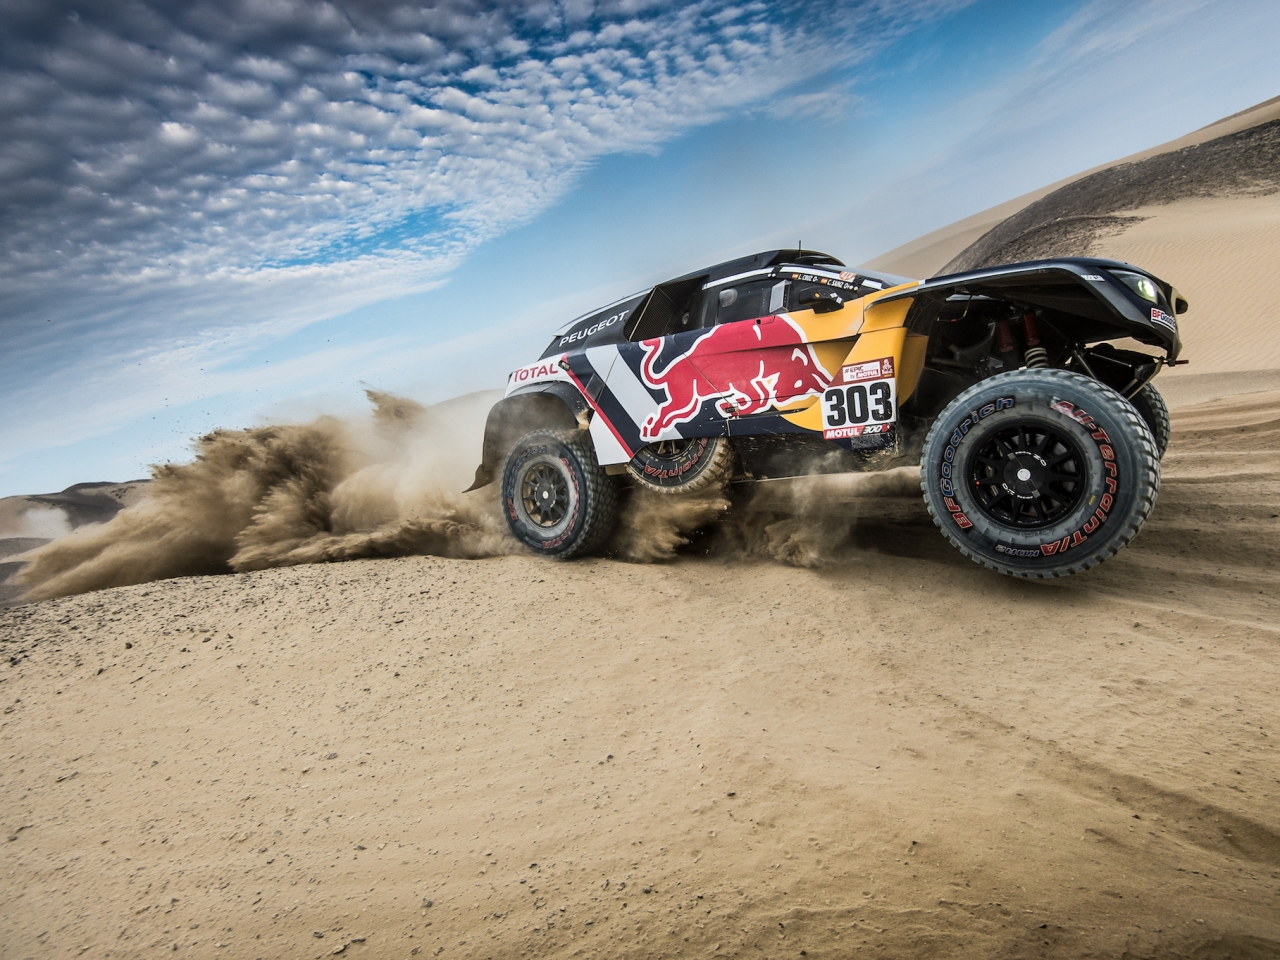 Peugeot en Dakar 2018 - 1280x960